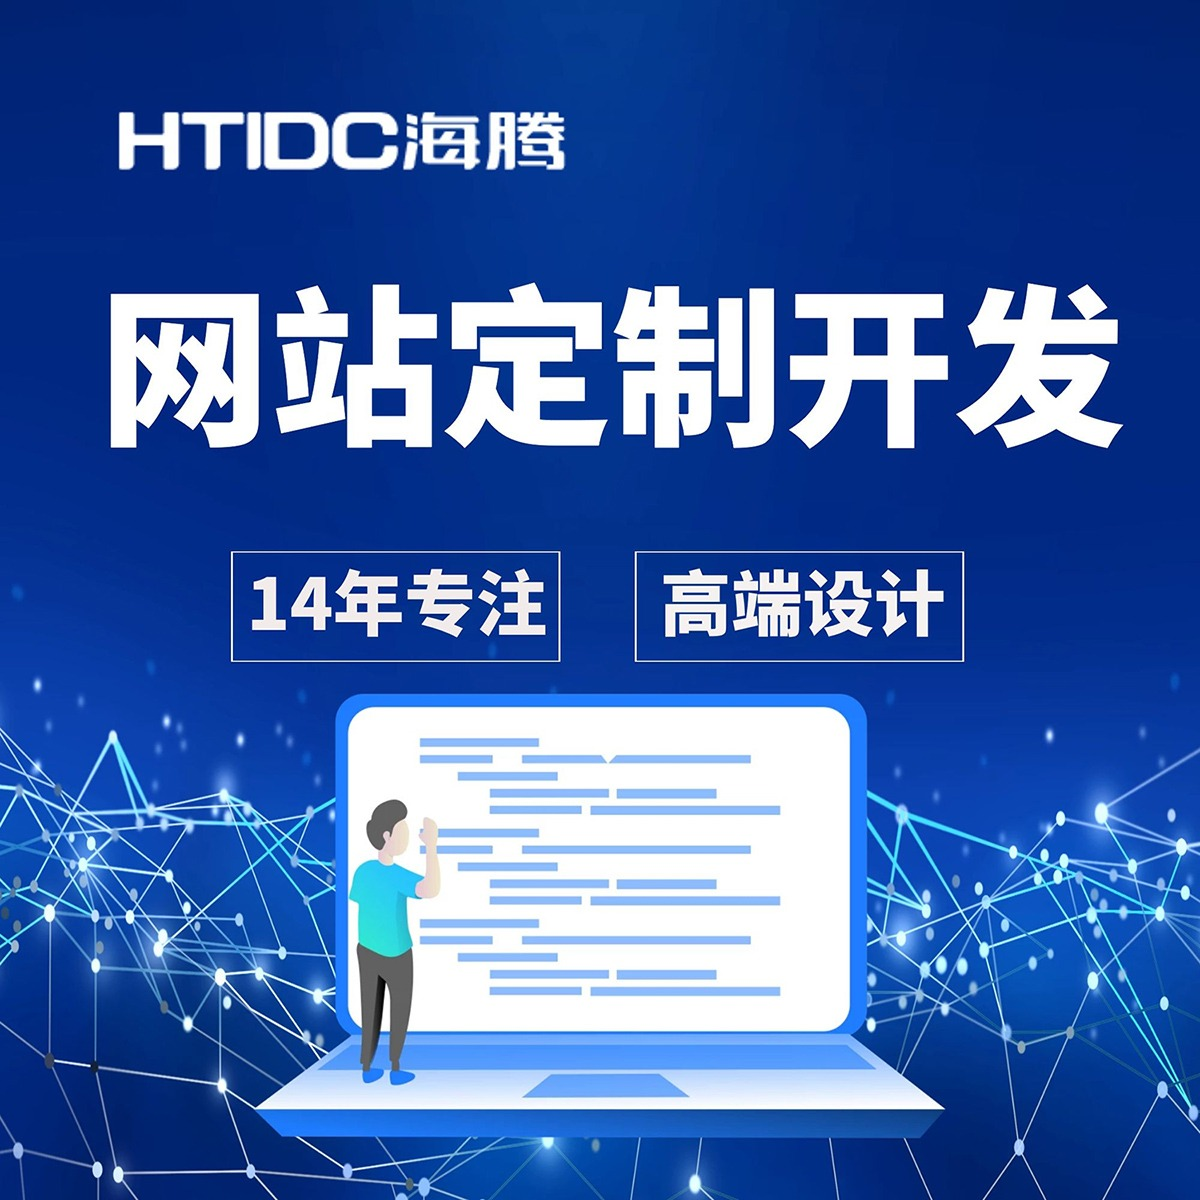 公司企业网站建设 网站定制开发 PC+手机端二合一 专业设计